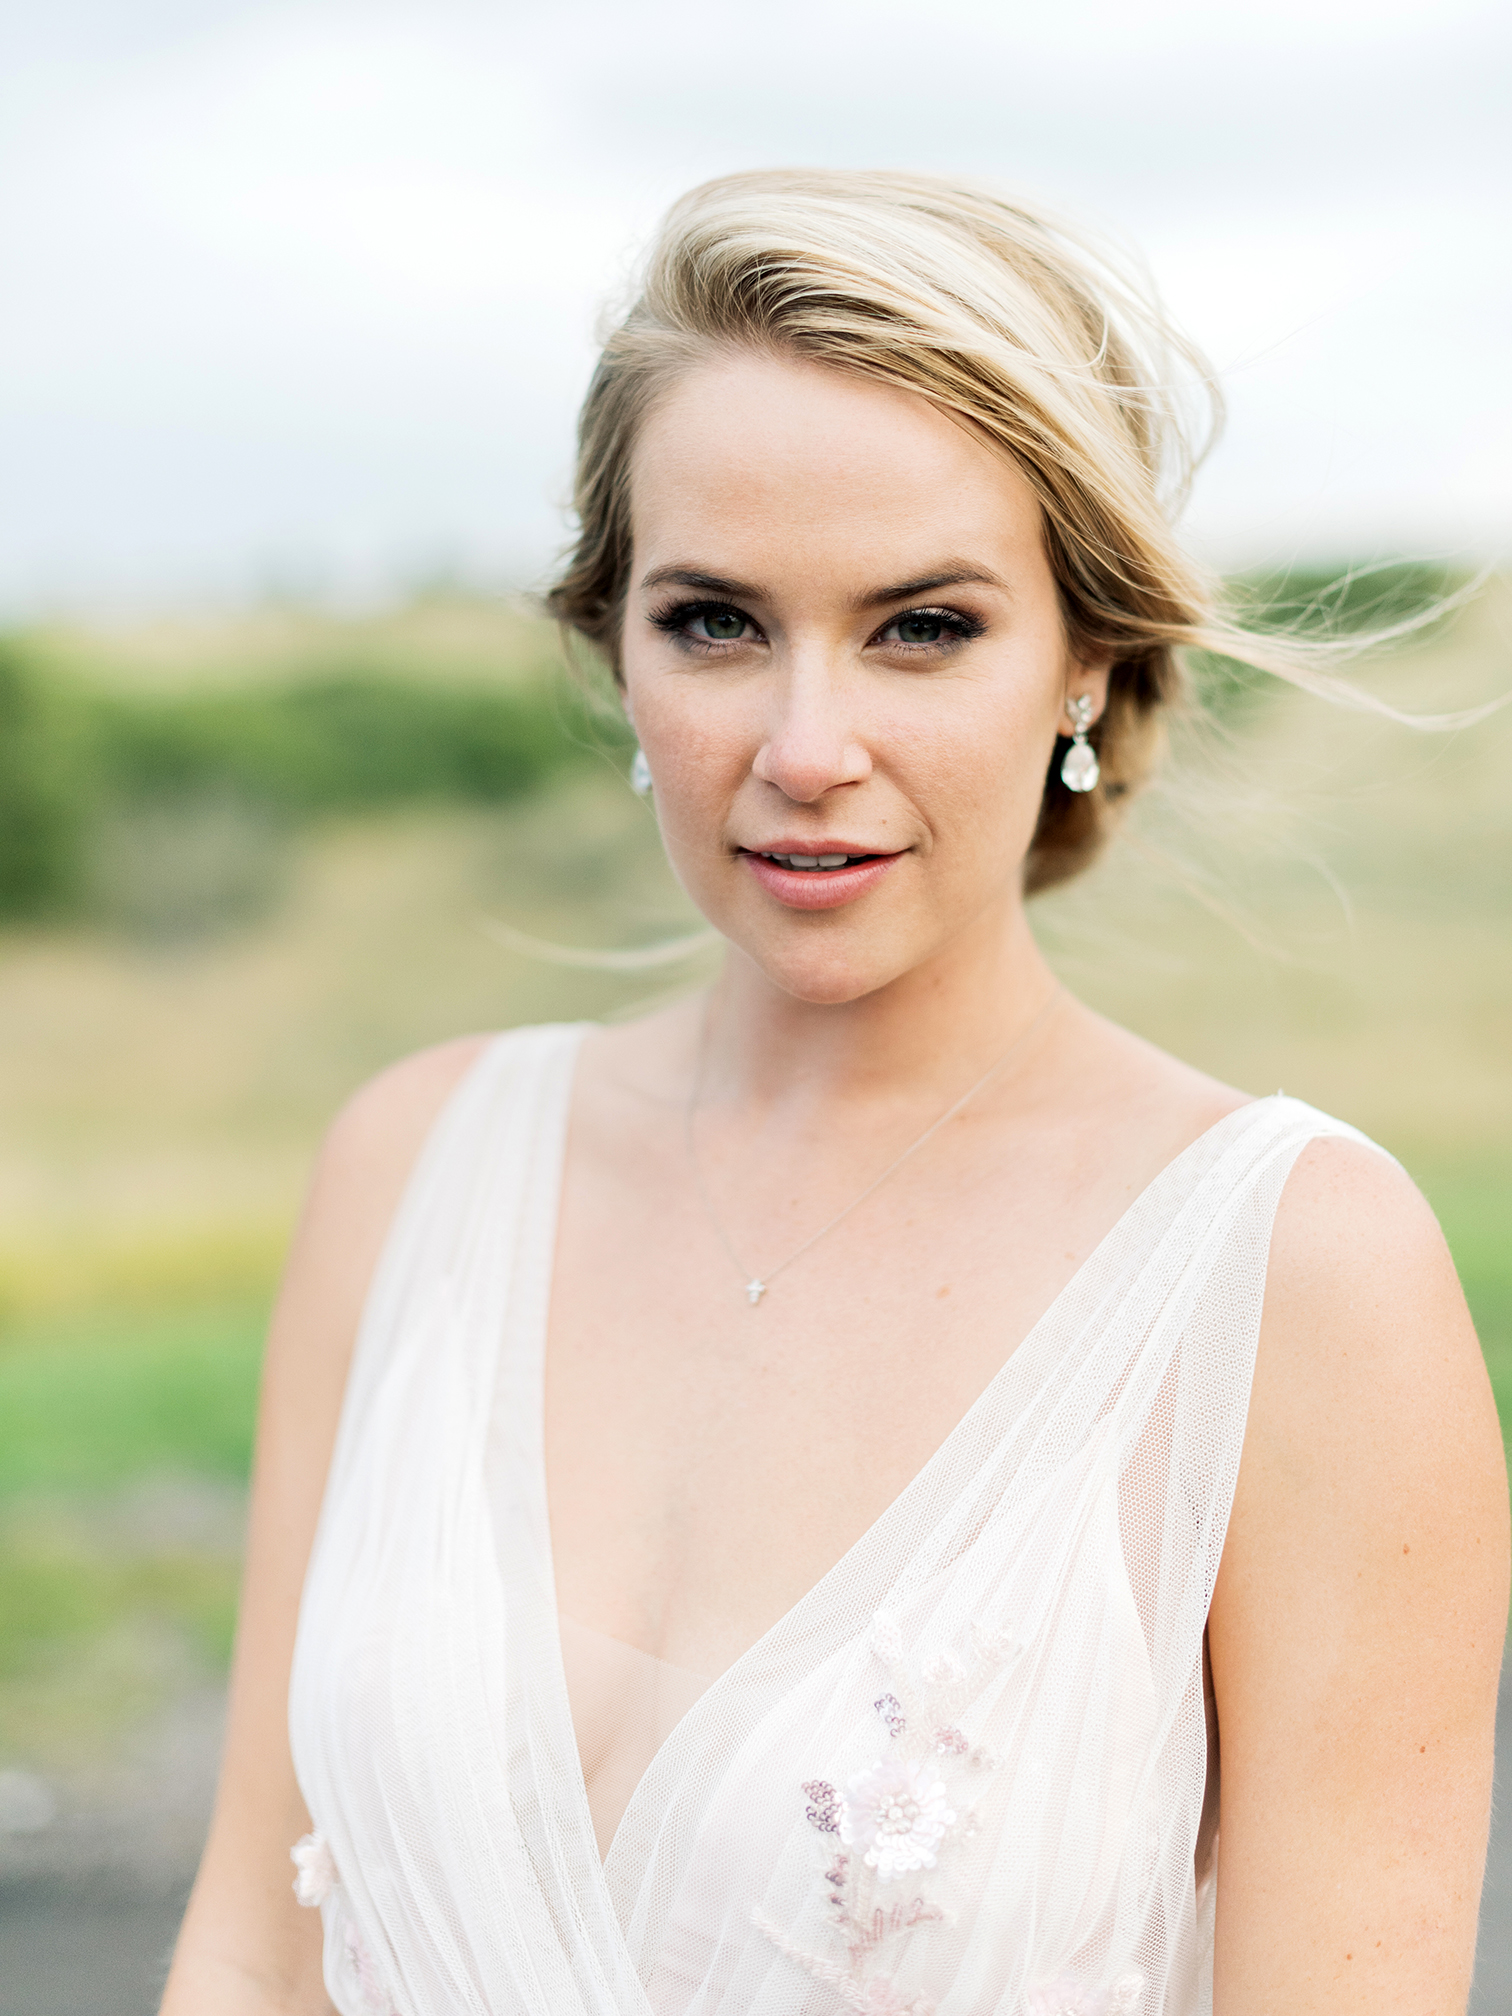 Wedding Photographers Colorado, Beautiful Bridal Portraits, Mountain Weddings in Colorado, Top Wedding Planners in Colorado